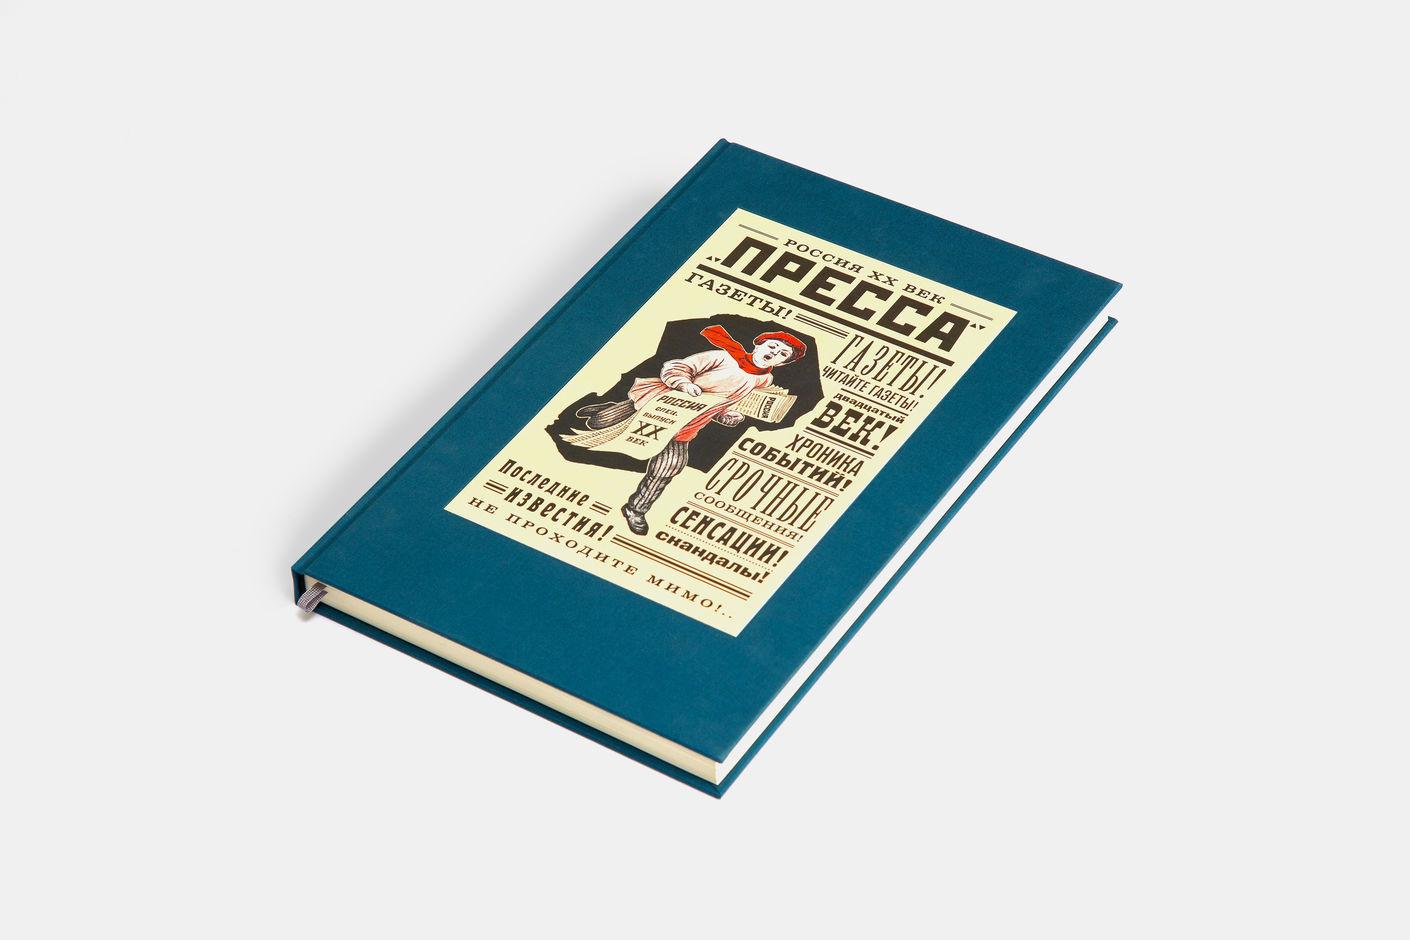 Подарочная книга Пресса, 2016, Агей Томеш